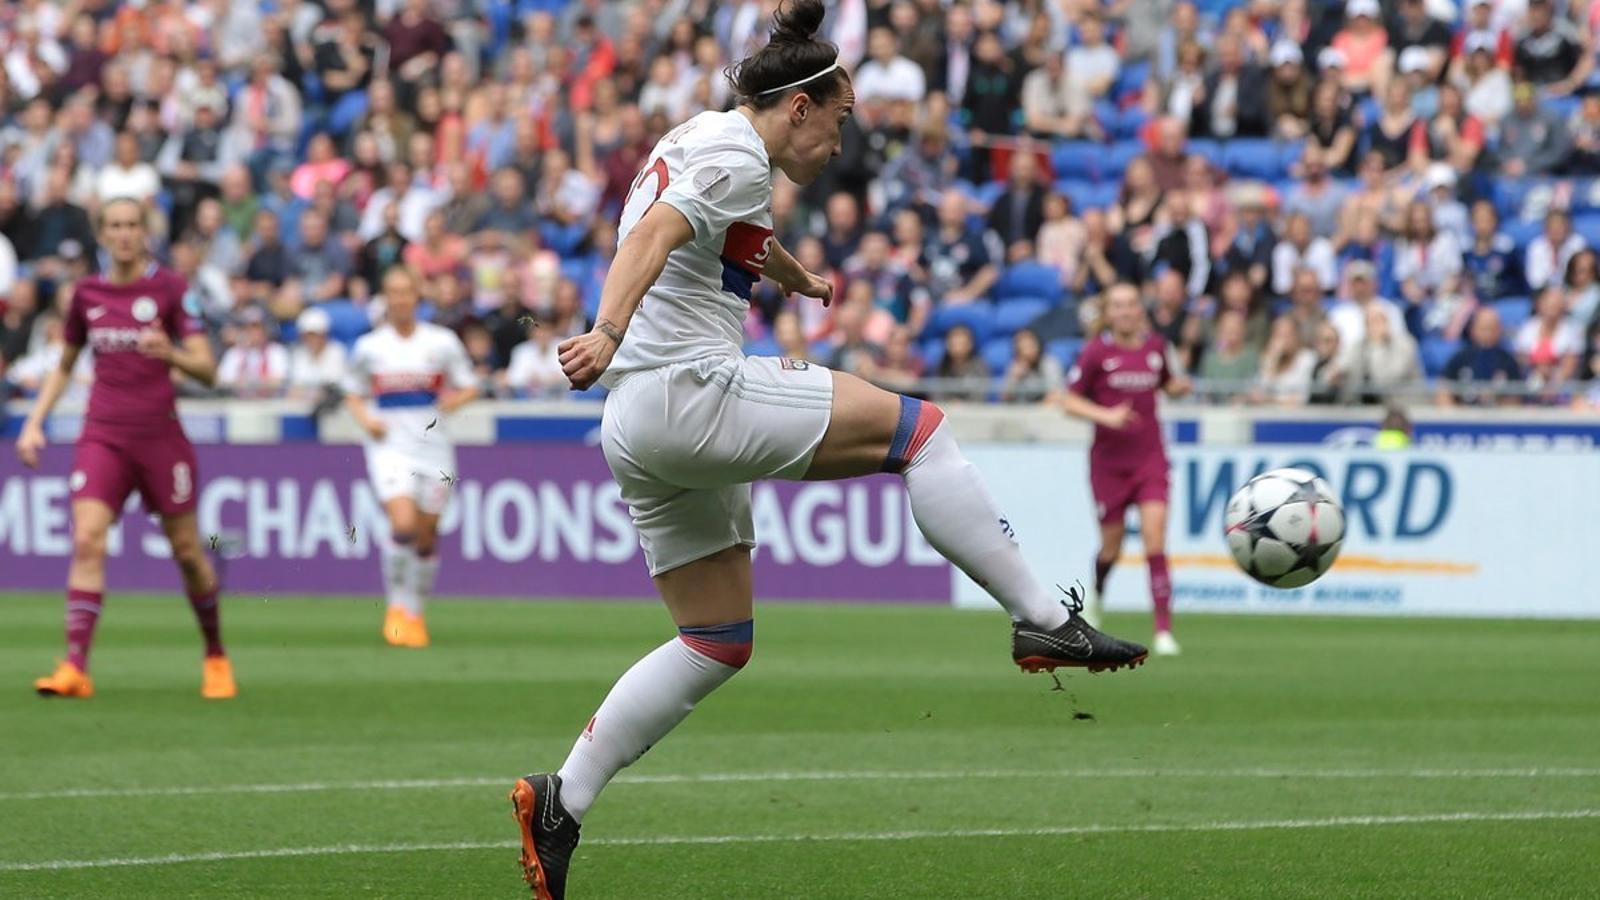 Lucy Bronze, autora del gol de l'1-0 del Lió davant del City